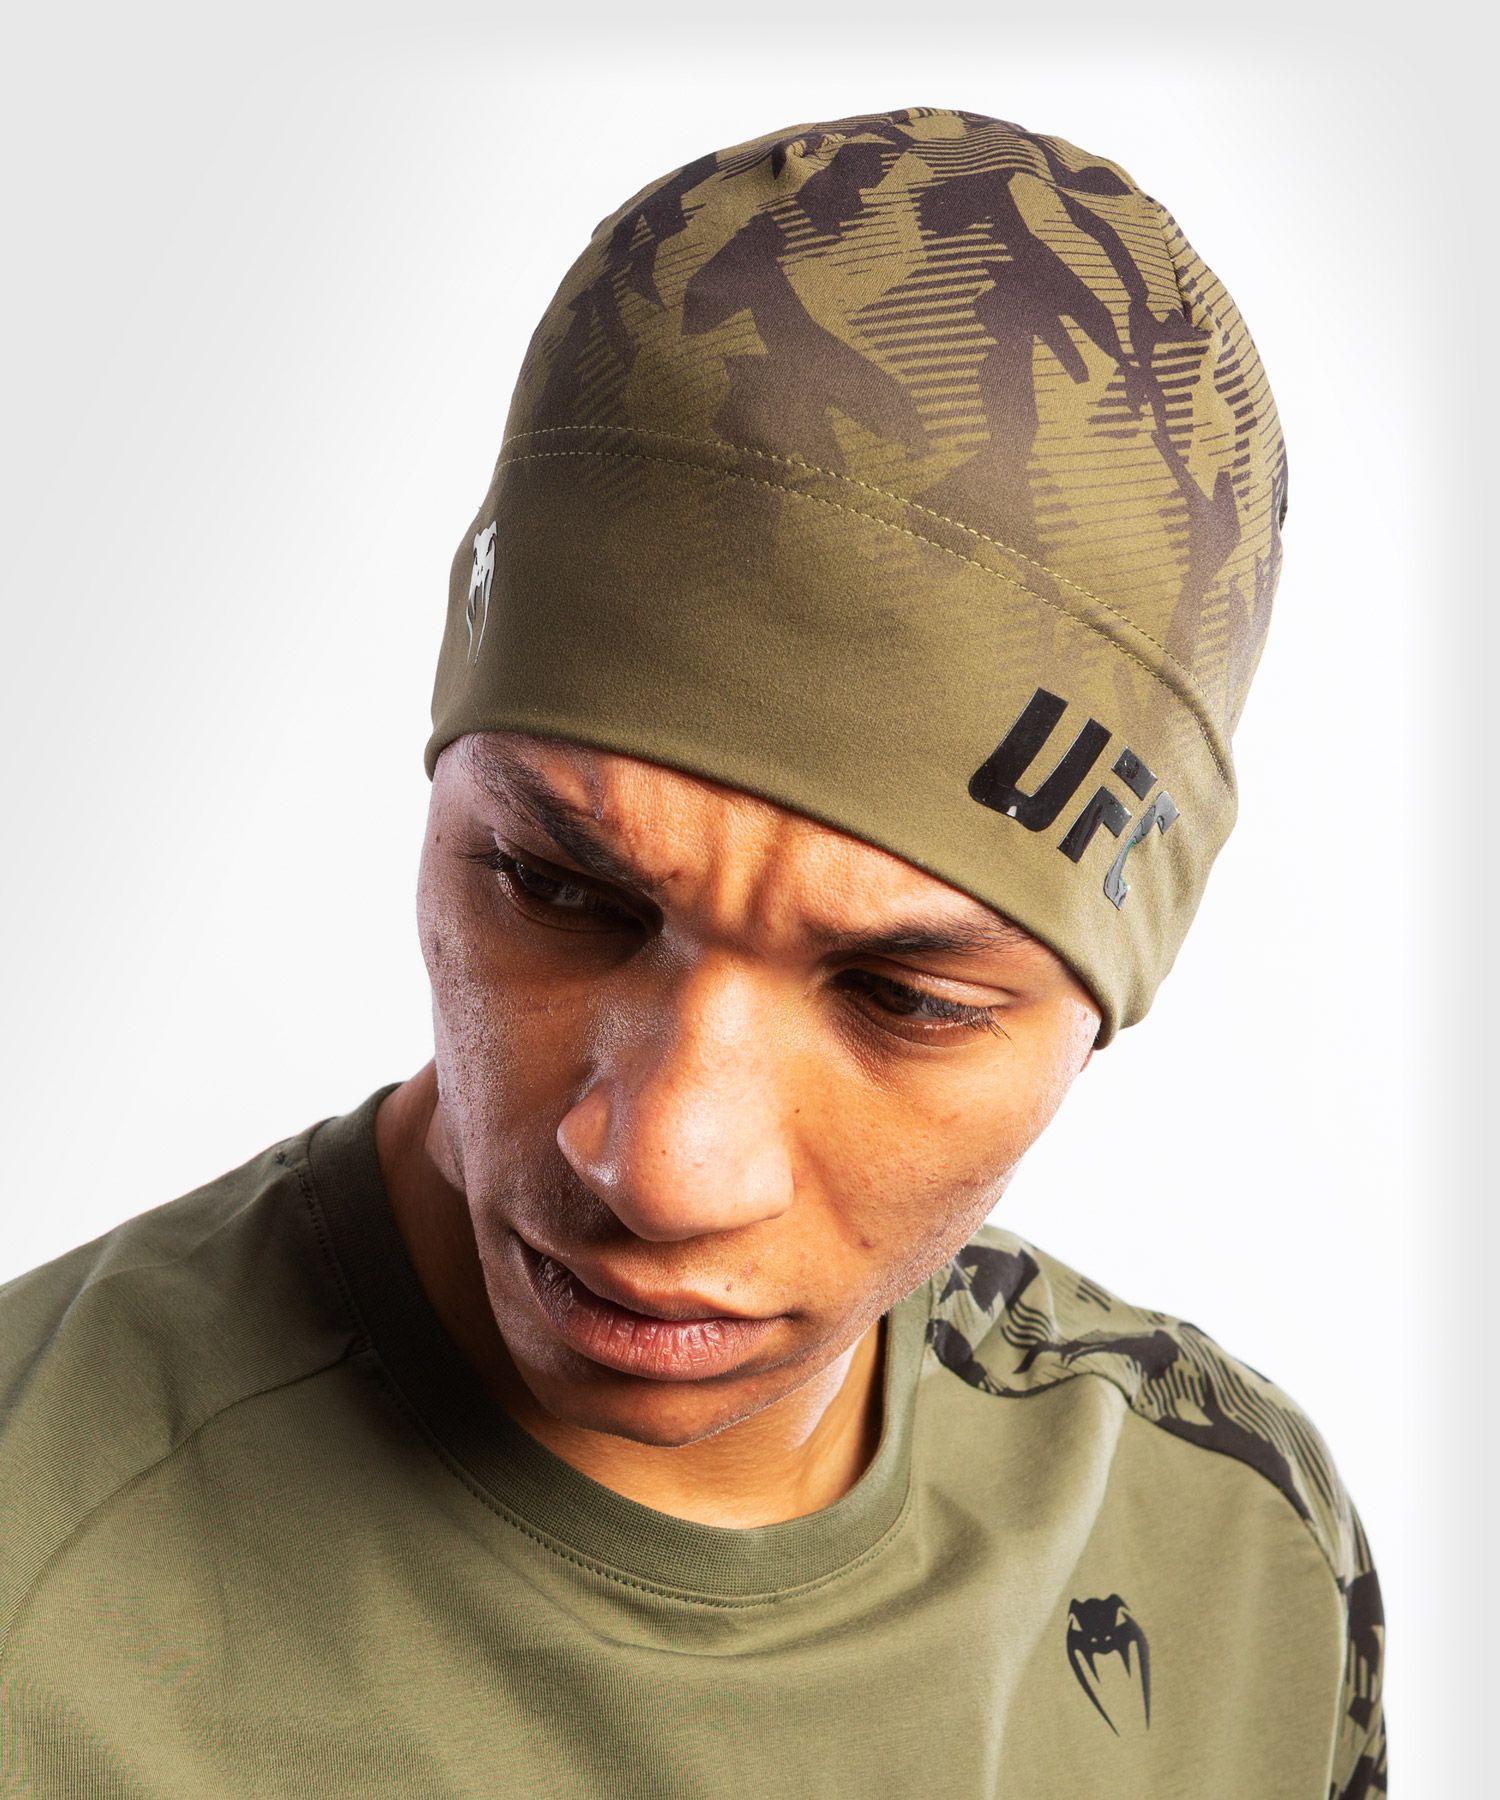 UFC 베넘 어쎈틱 파이트 위크 유니섹스 퍼포먼스 비니 - 카키색 옷감